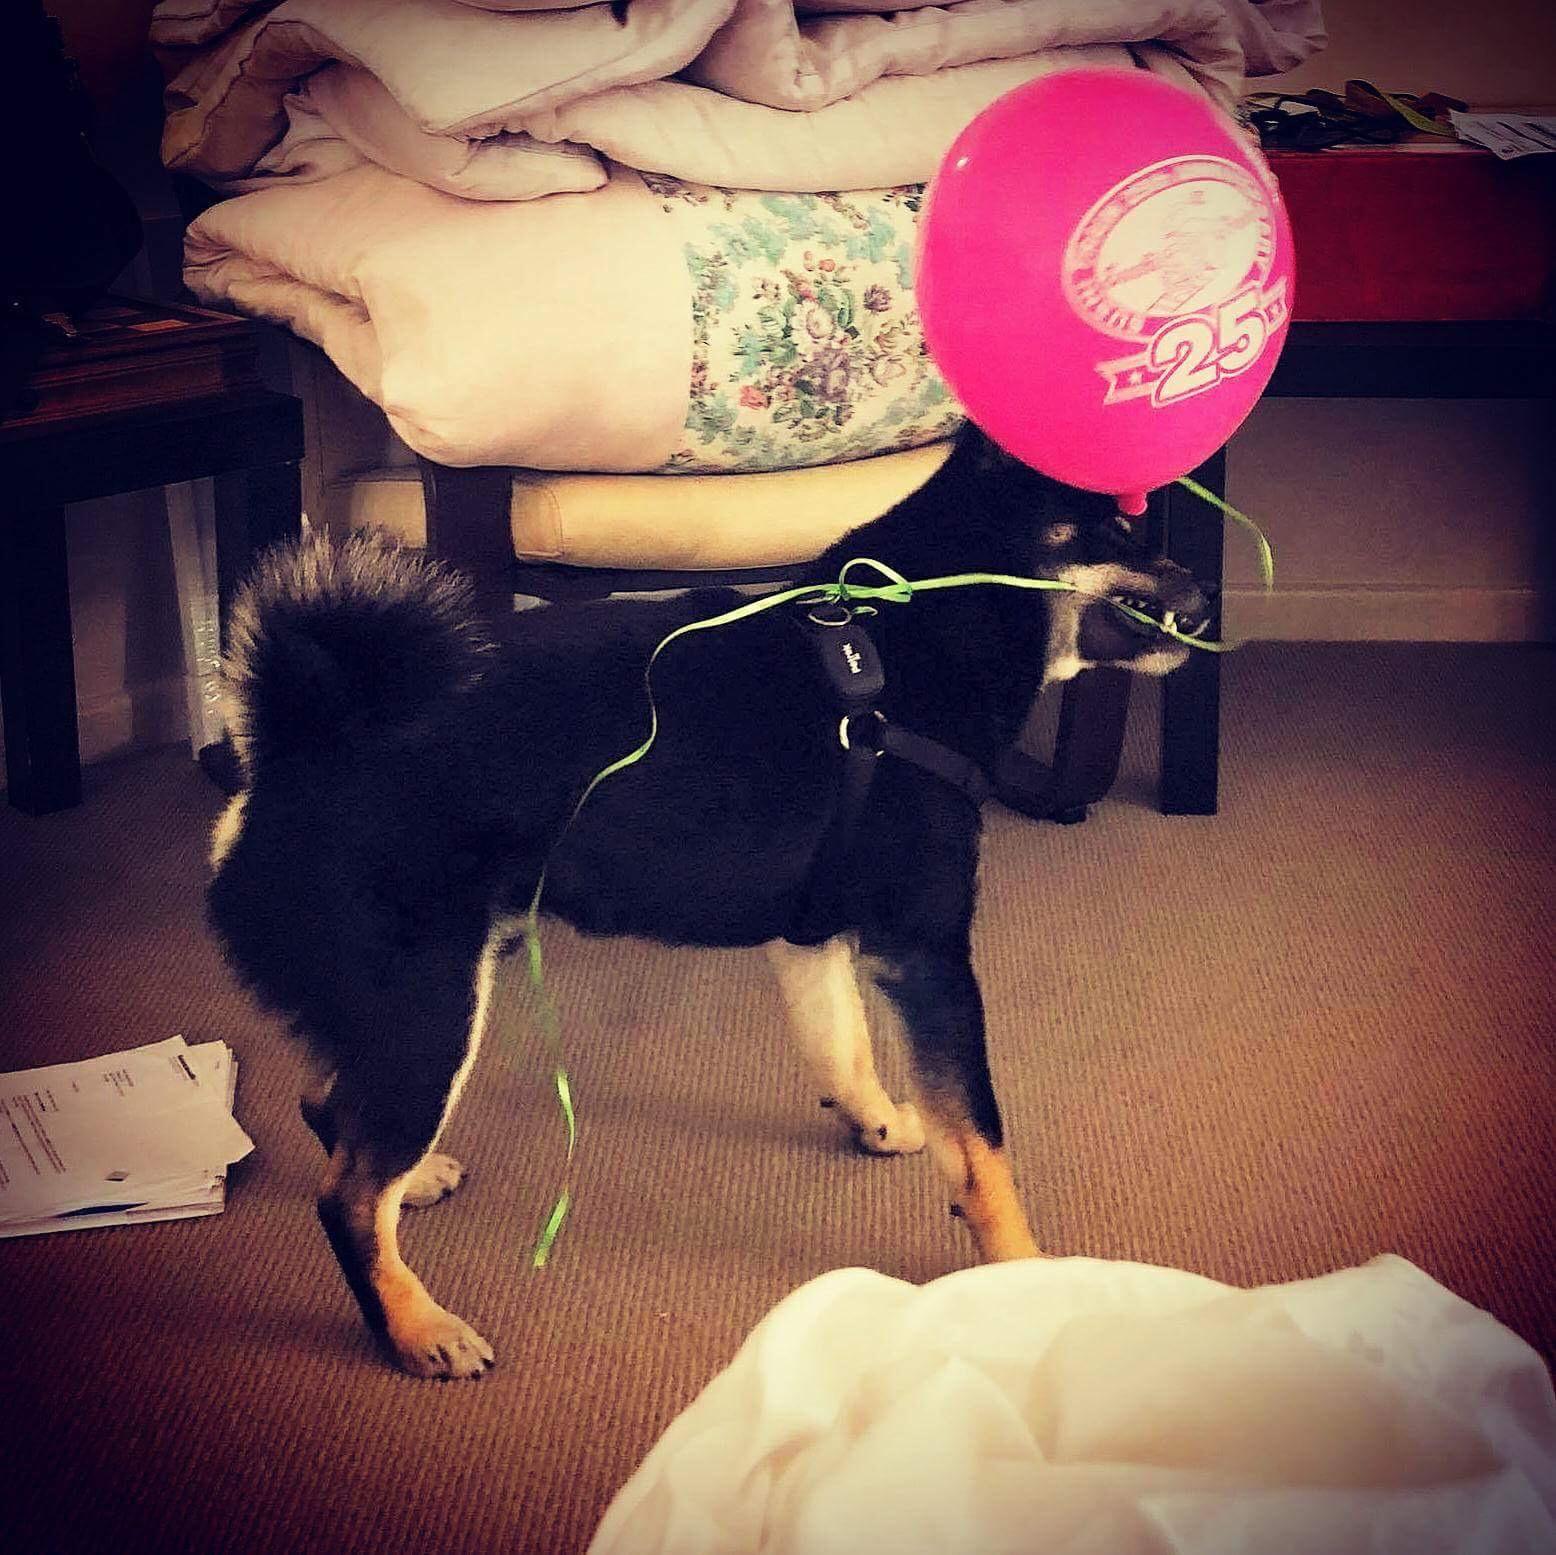 Kuro loves balloons